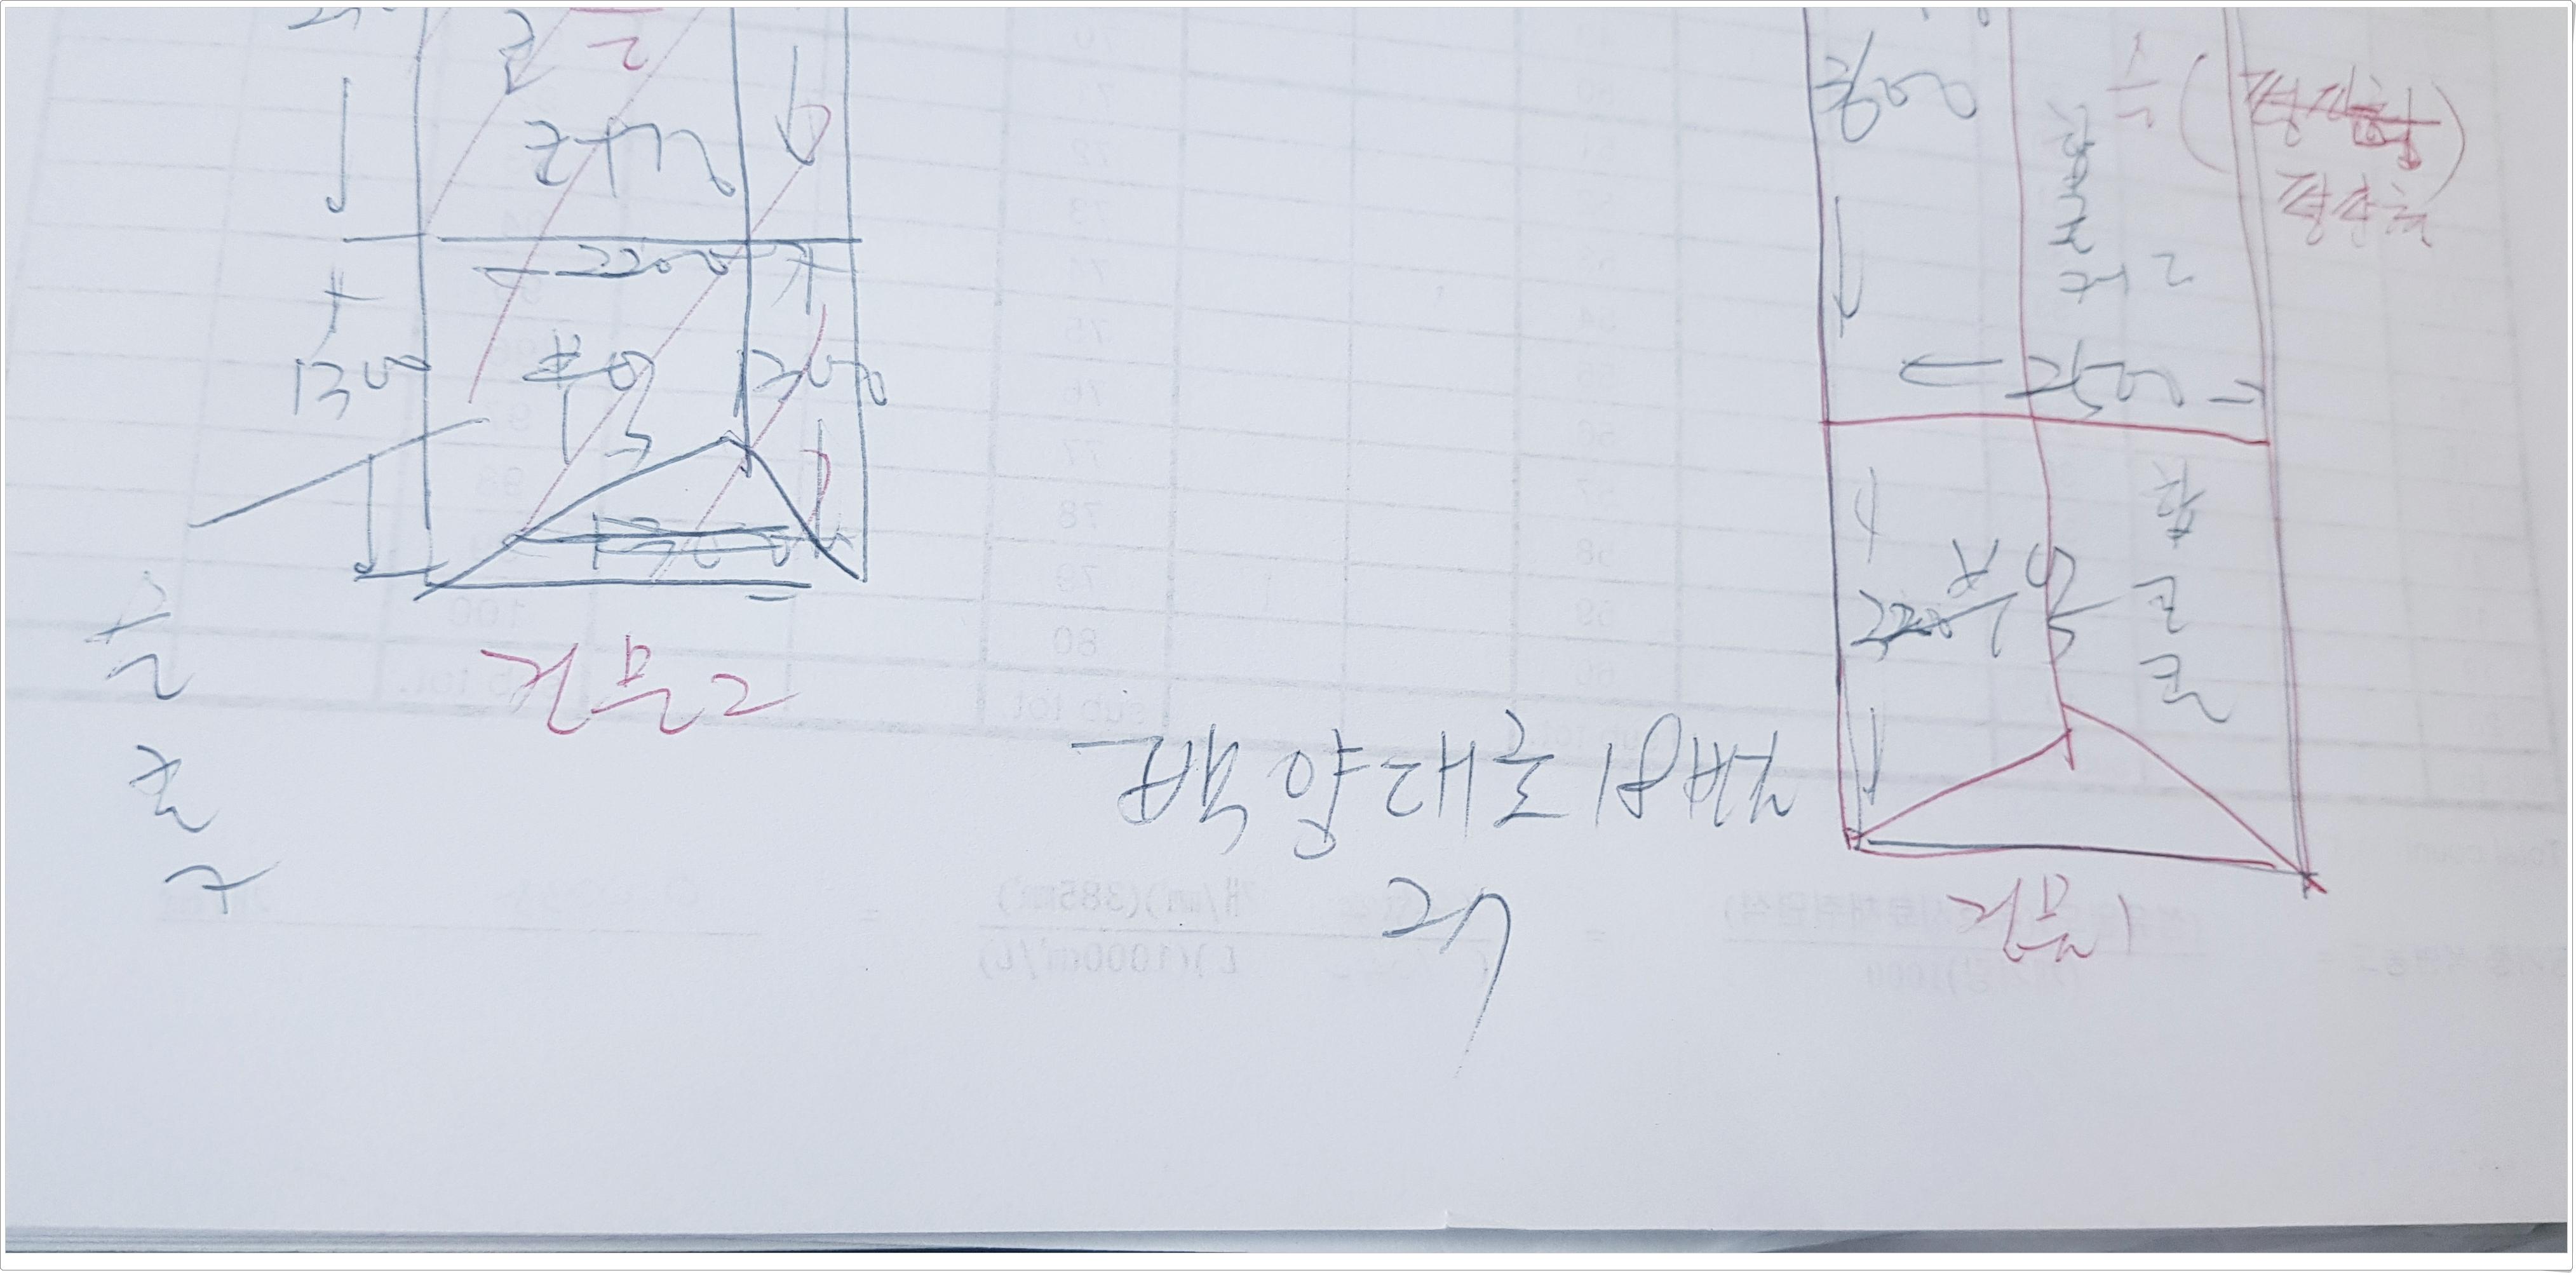 18 번째 사진 단독주택 에  연면적 ㎡ 부산 백양대로 주택 석면조사 현장